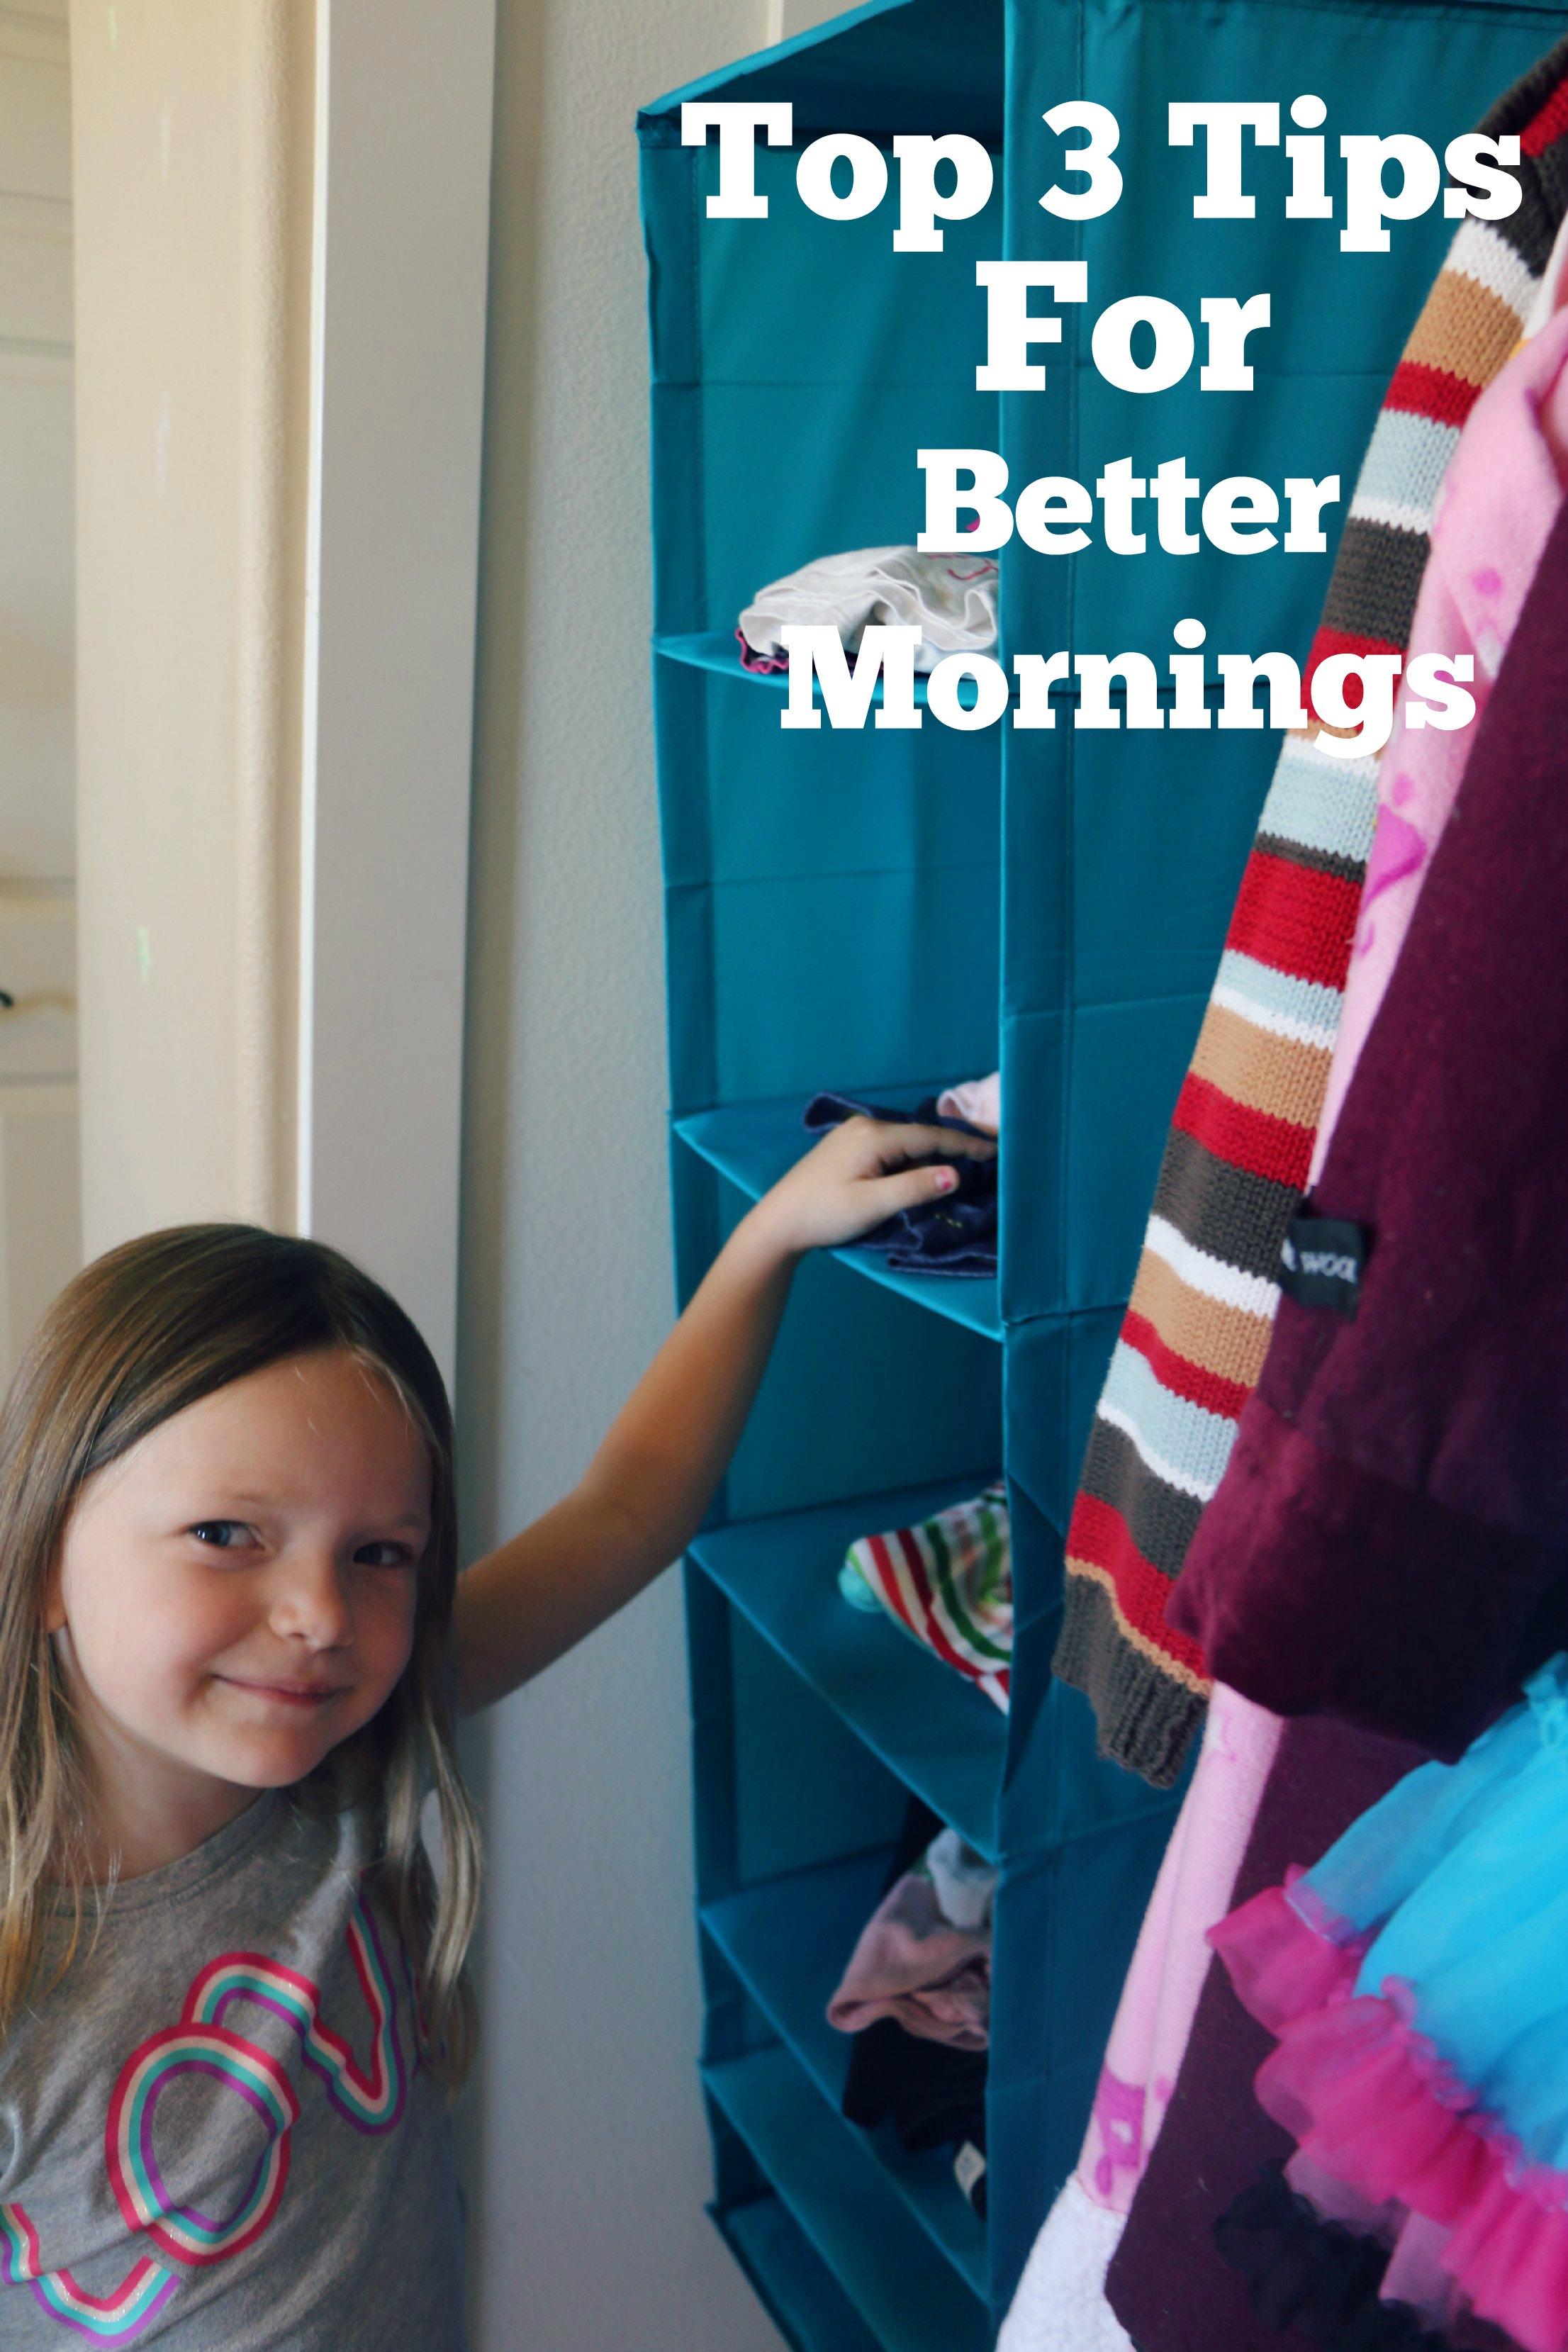 better morning tips